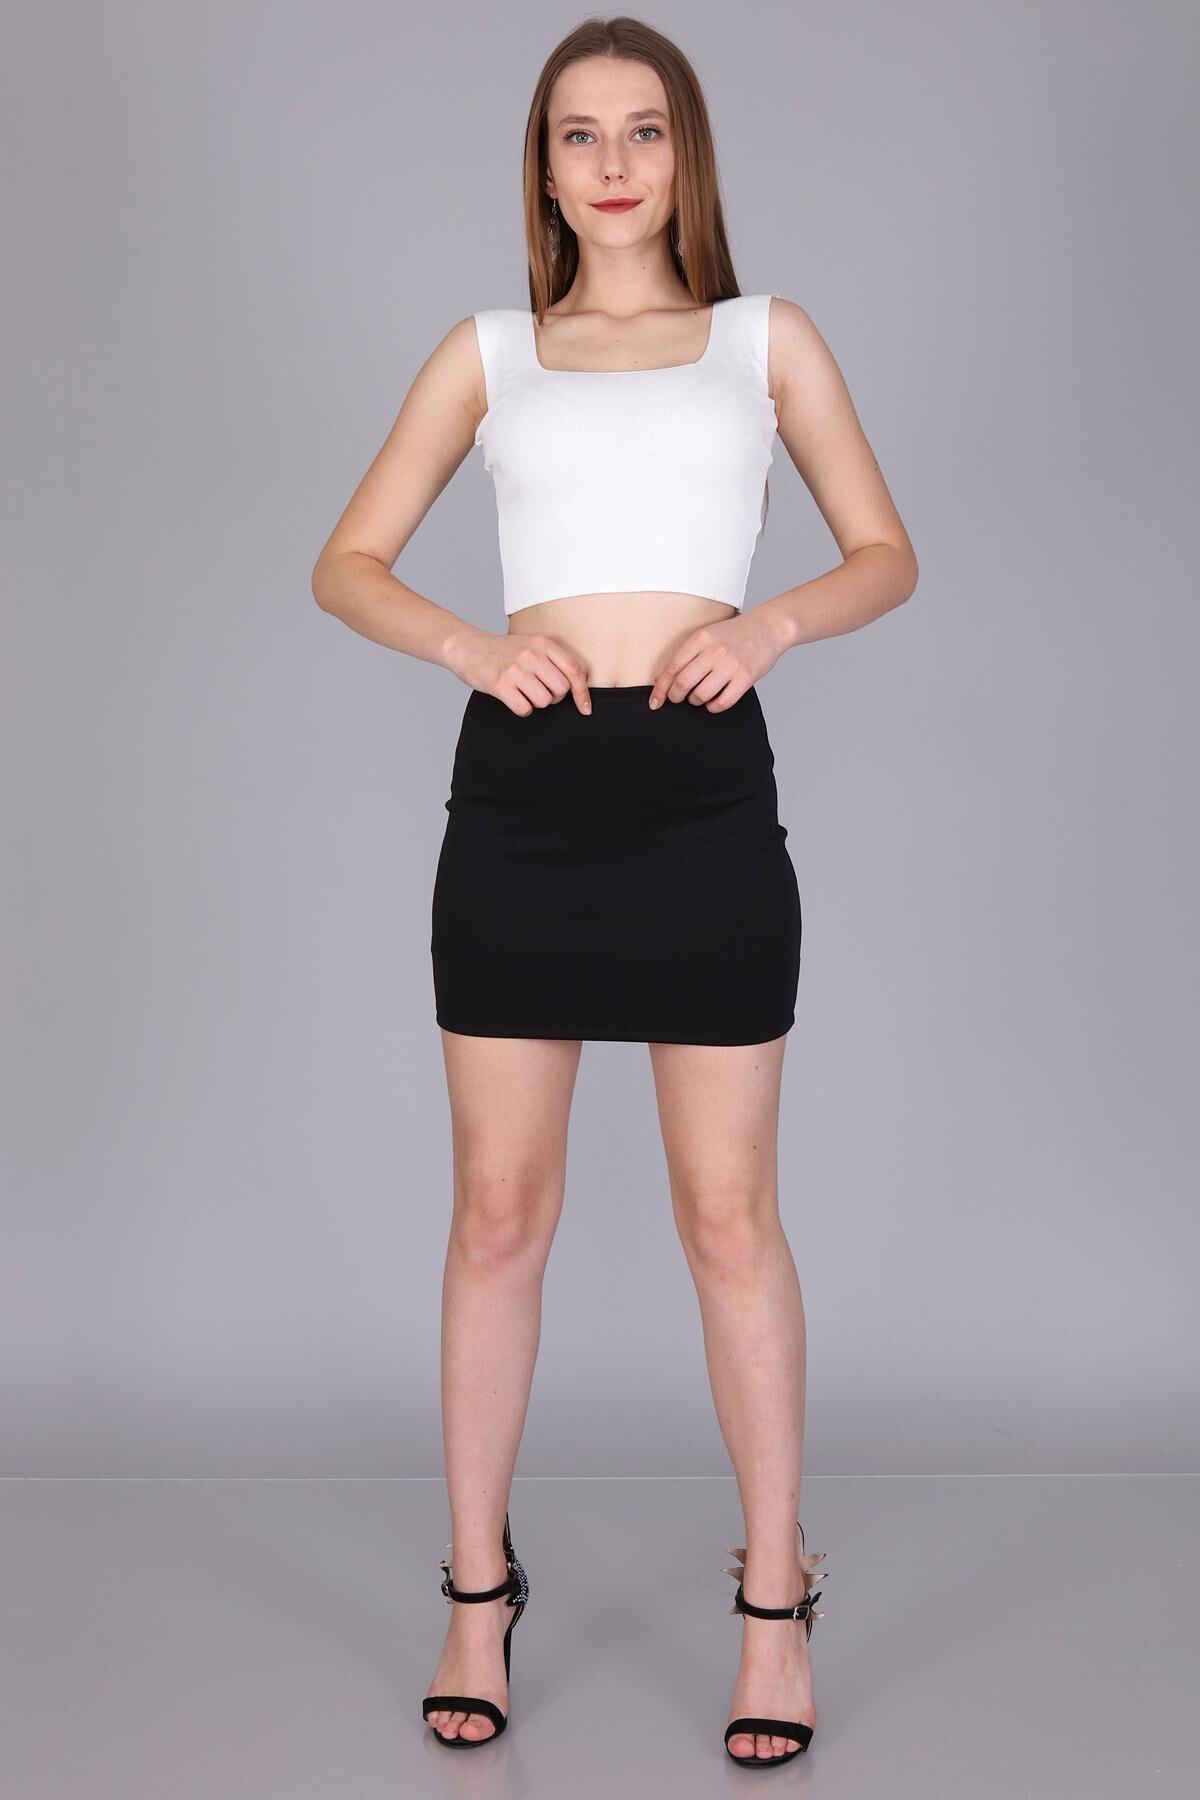 Mi&So Kadın Siyahdalgiç Mini Etek M&S6039Etk